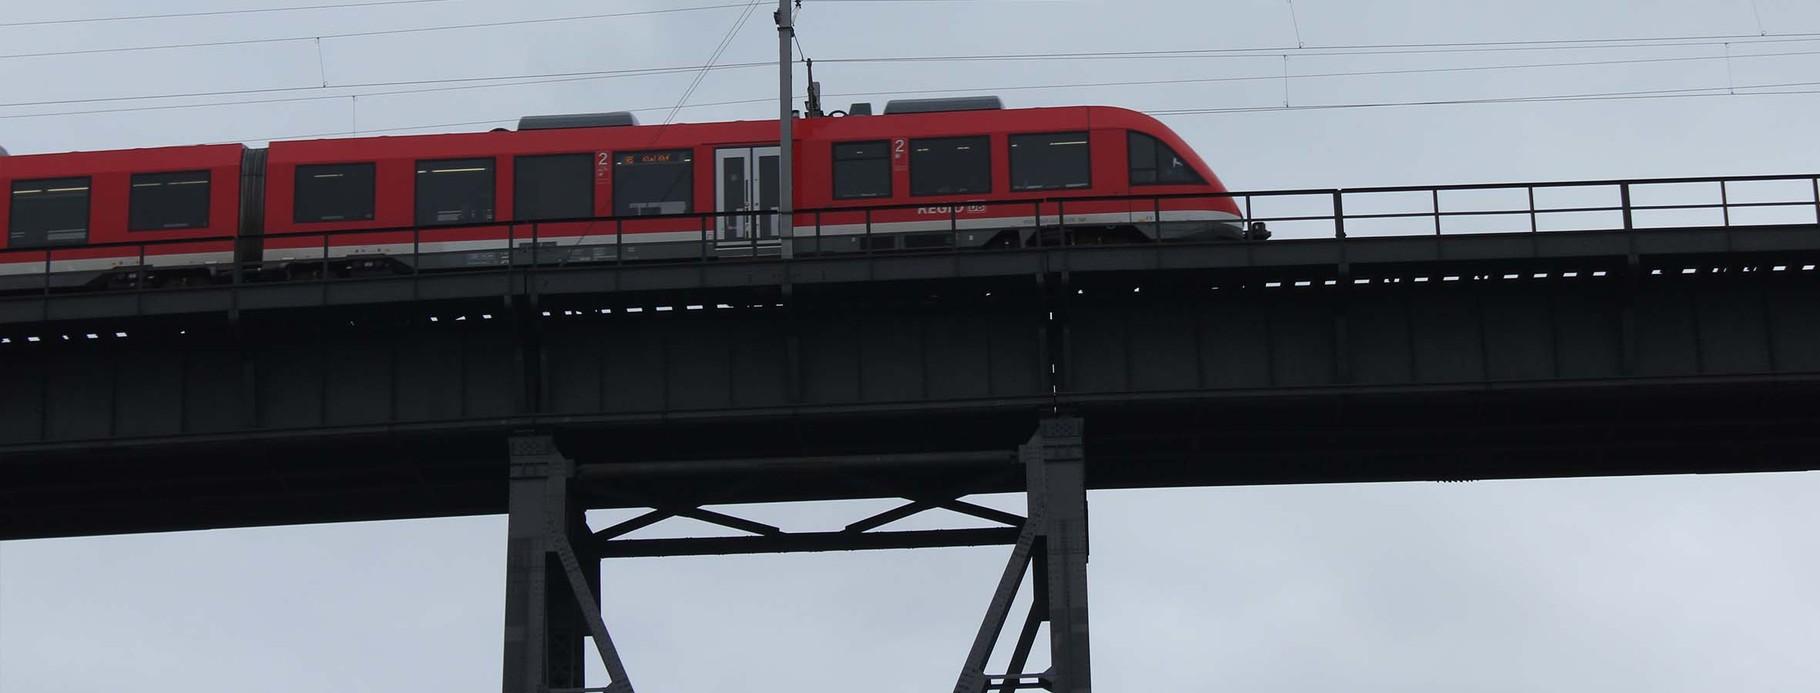 Die Story: Auf der Hochbrücke werden zwei Züge aufeinanderstoßen